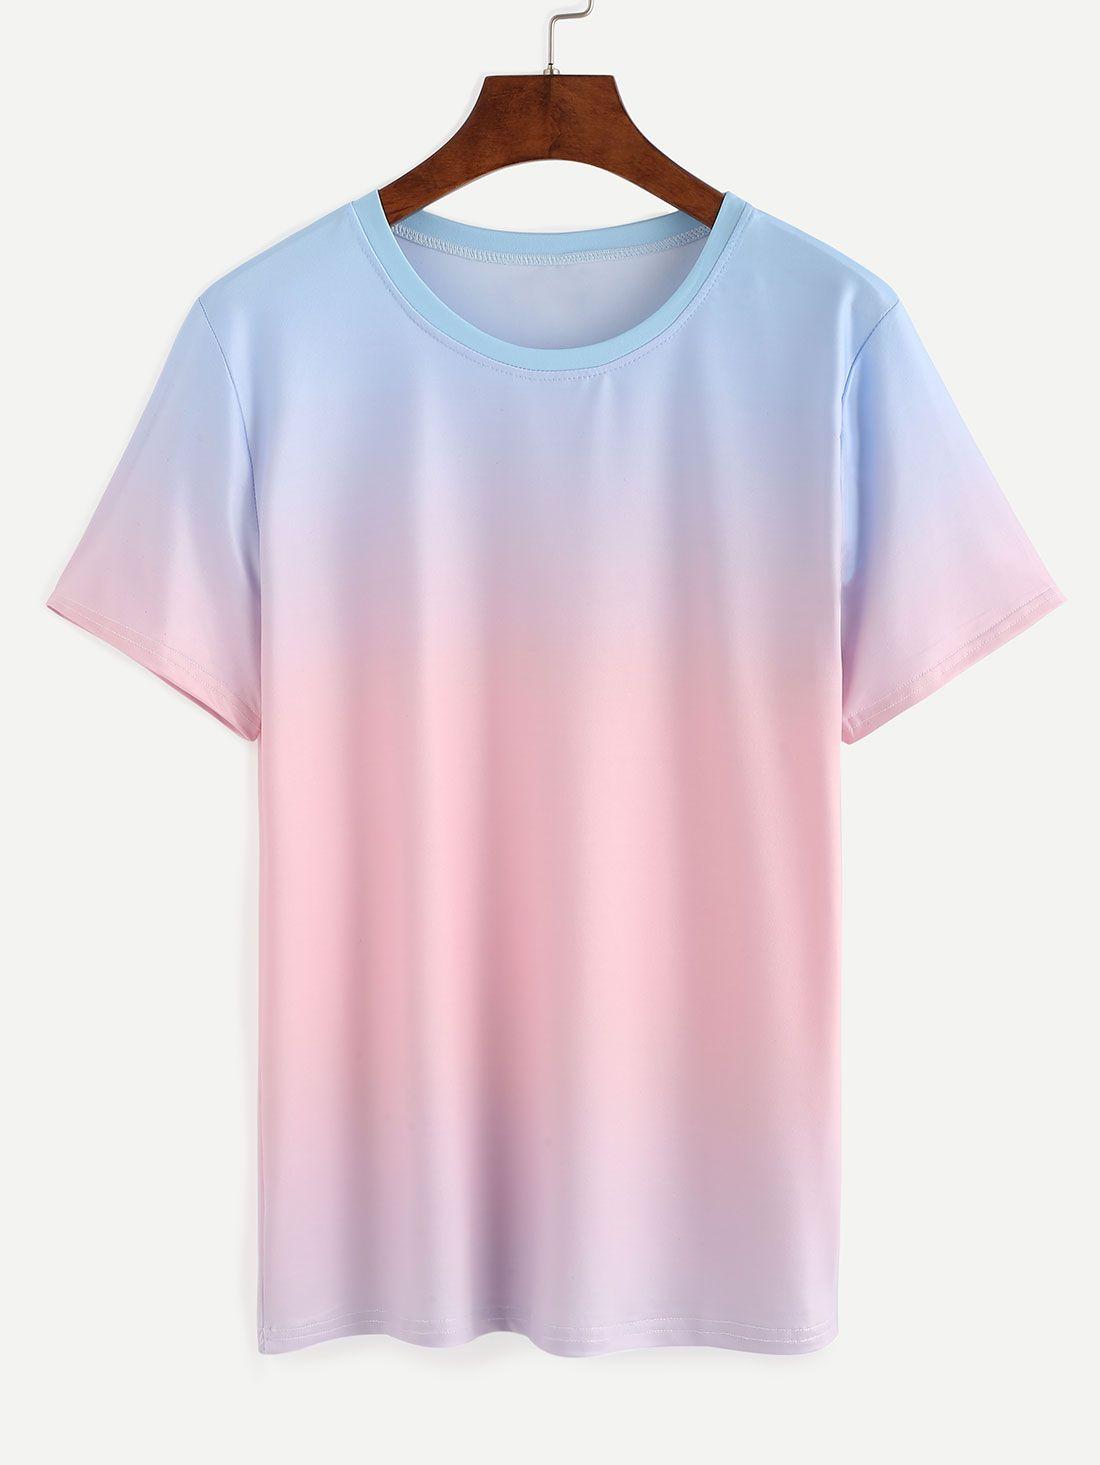 Blue Pink Ombre T-shirt | p r e t t y | Pinterest | Ombre, Clothes ...